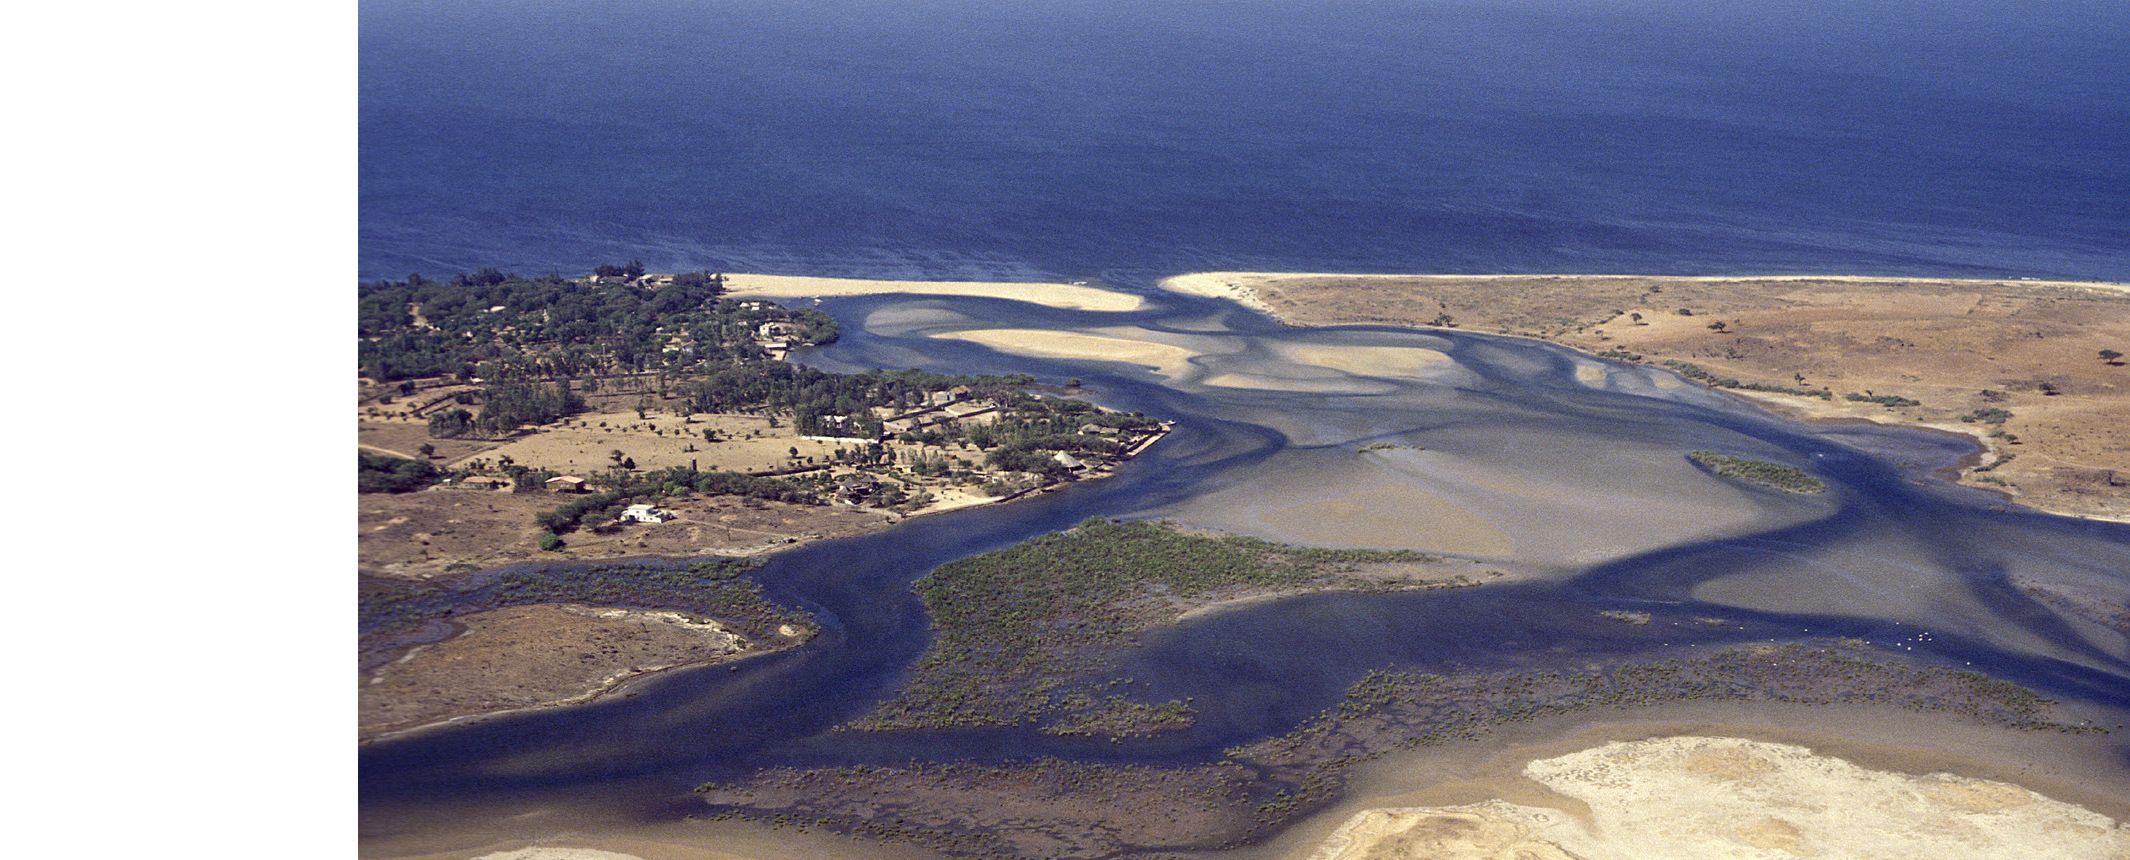 Senegal -  Etnias y tradiciones. Delta del Saloum y País Bassari - Salidas semanales hasta OCT